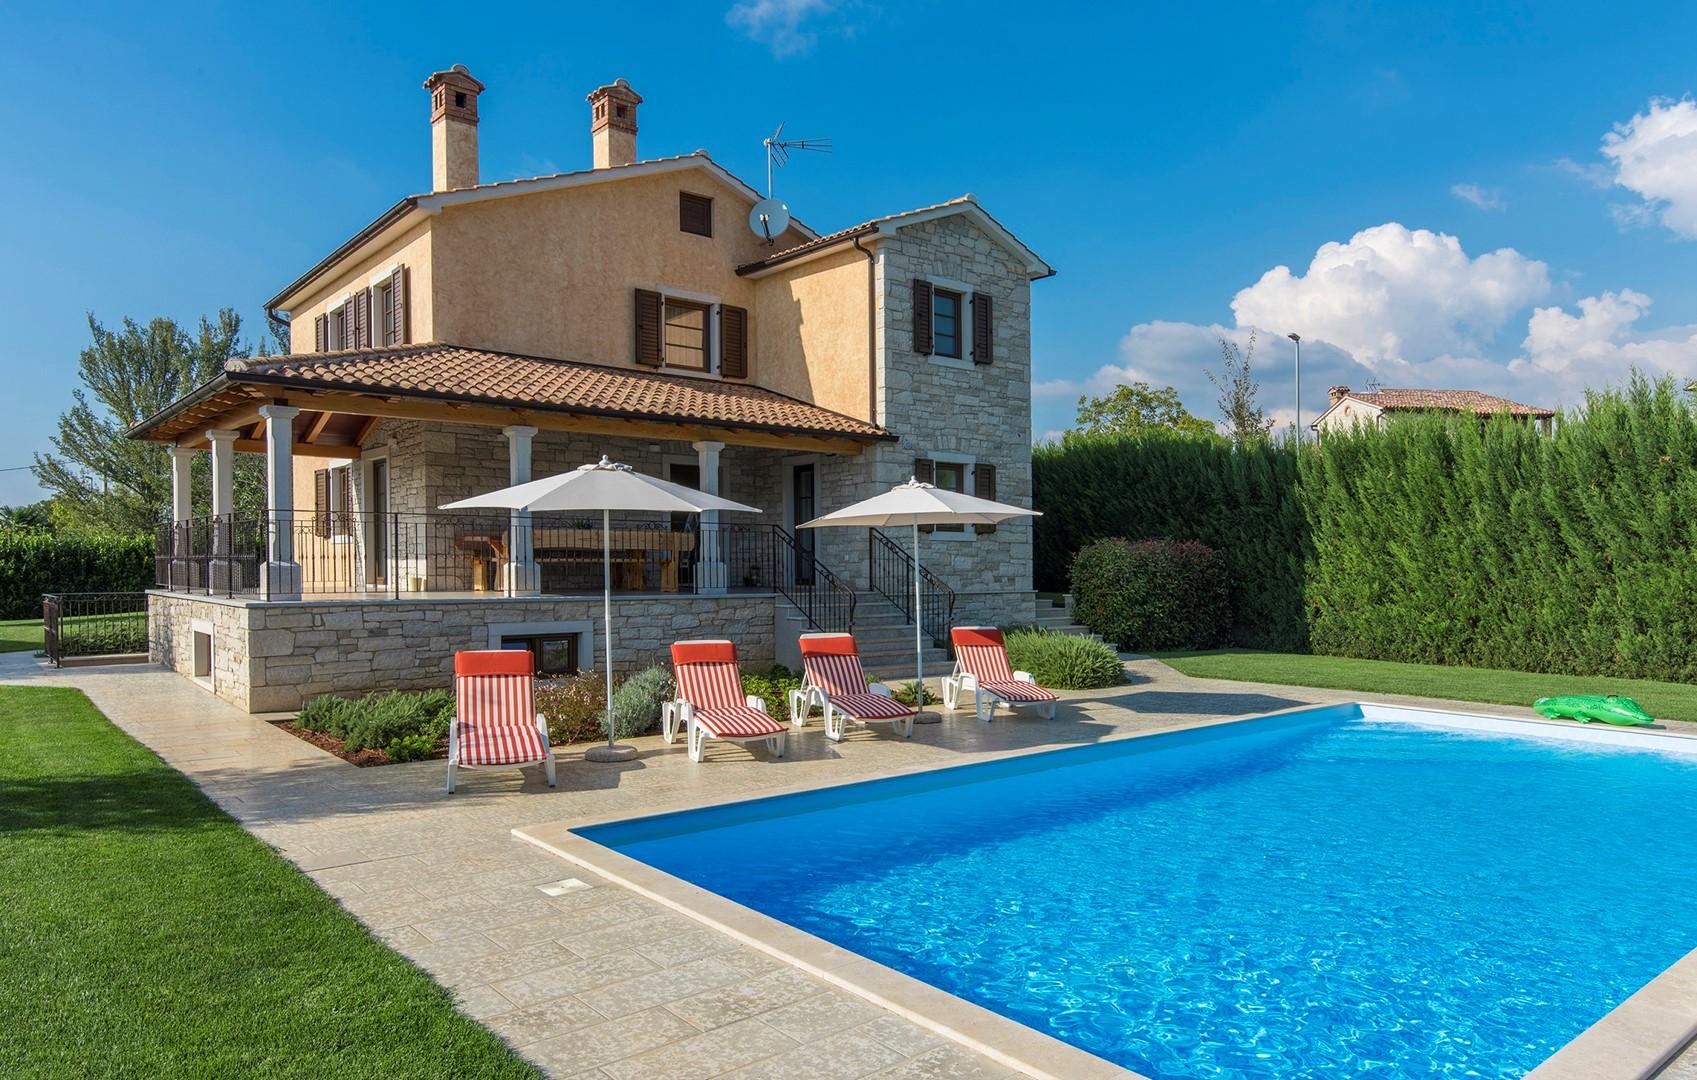 Ferienhaus Geräumige Villa Nikka mit schönem Garten und Pool (1412592), Kanfanar, , Istrien, Kroatien, Bild 3